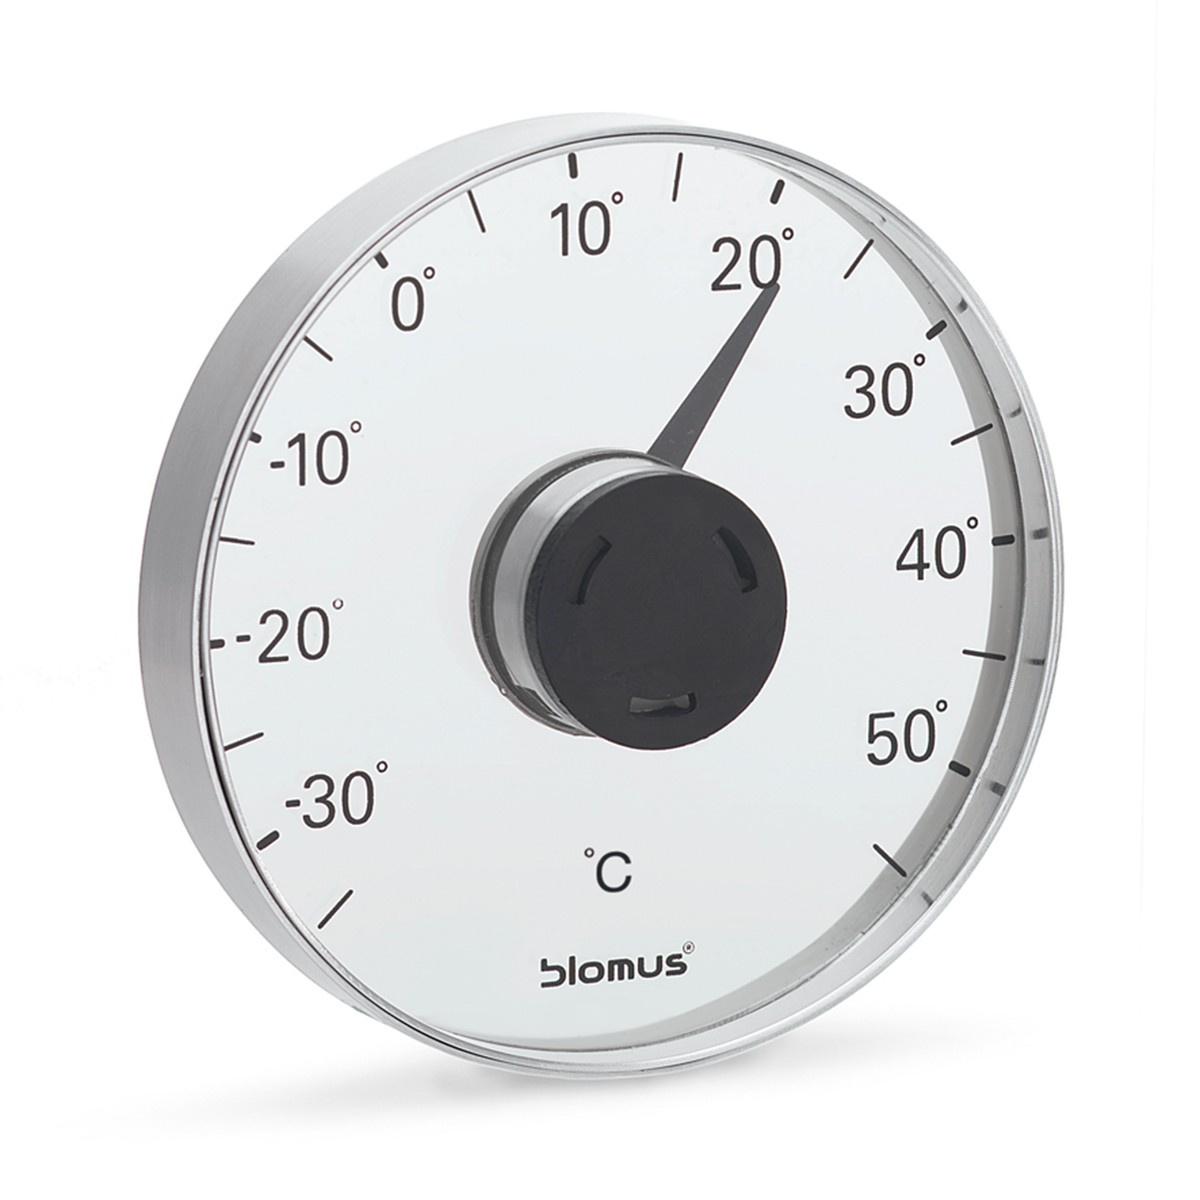 Blomus udendørstermometer til vinduesrude - Hokus Krokus 64d1092533dcc